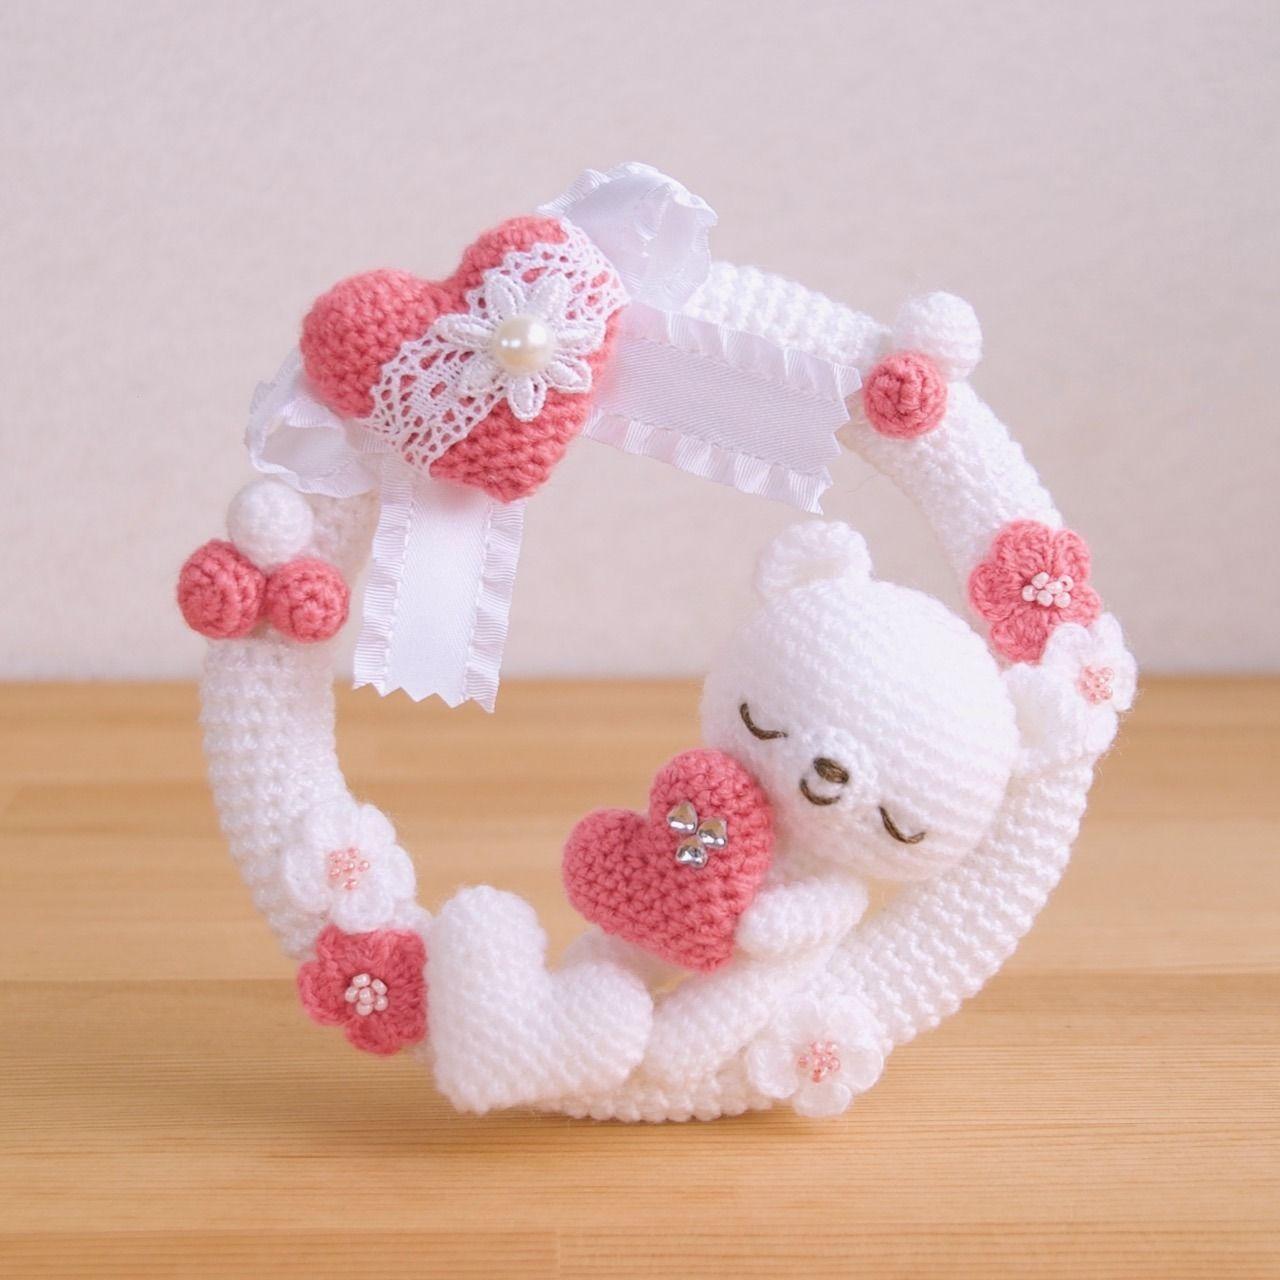 pingl par alma wancura sur valentine pinterest couronne crochet couronnes et doudous. Black Bedroom Furniture Sets. Home Design Ideas